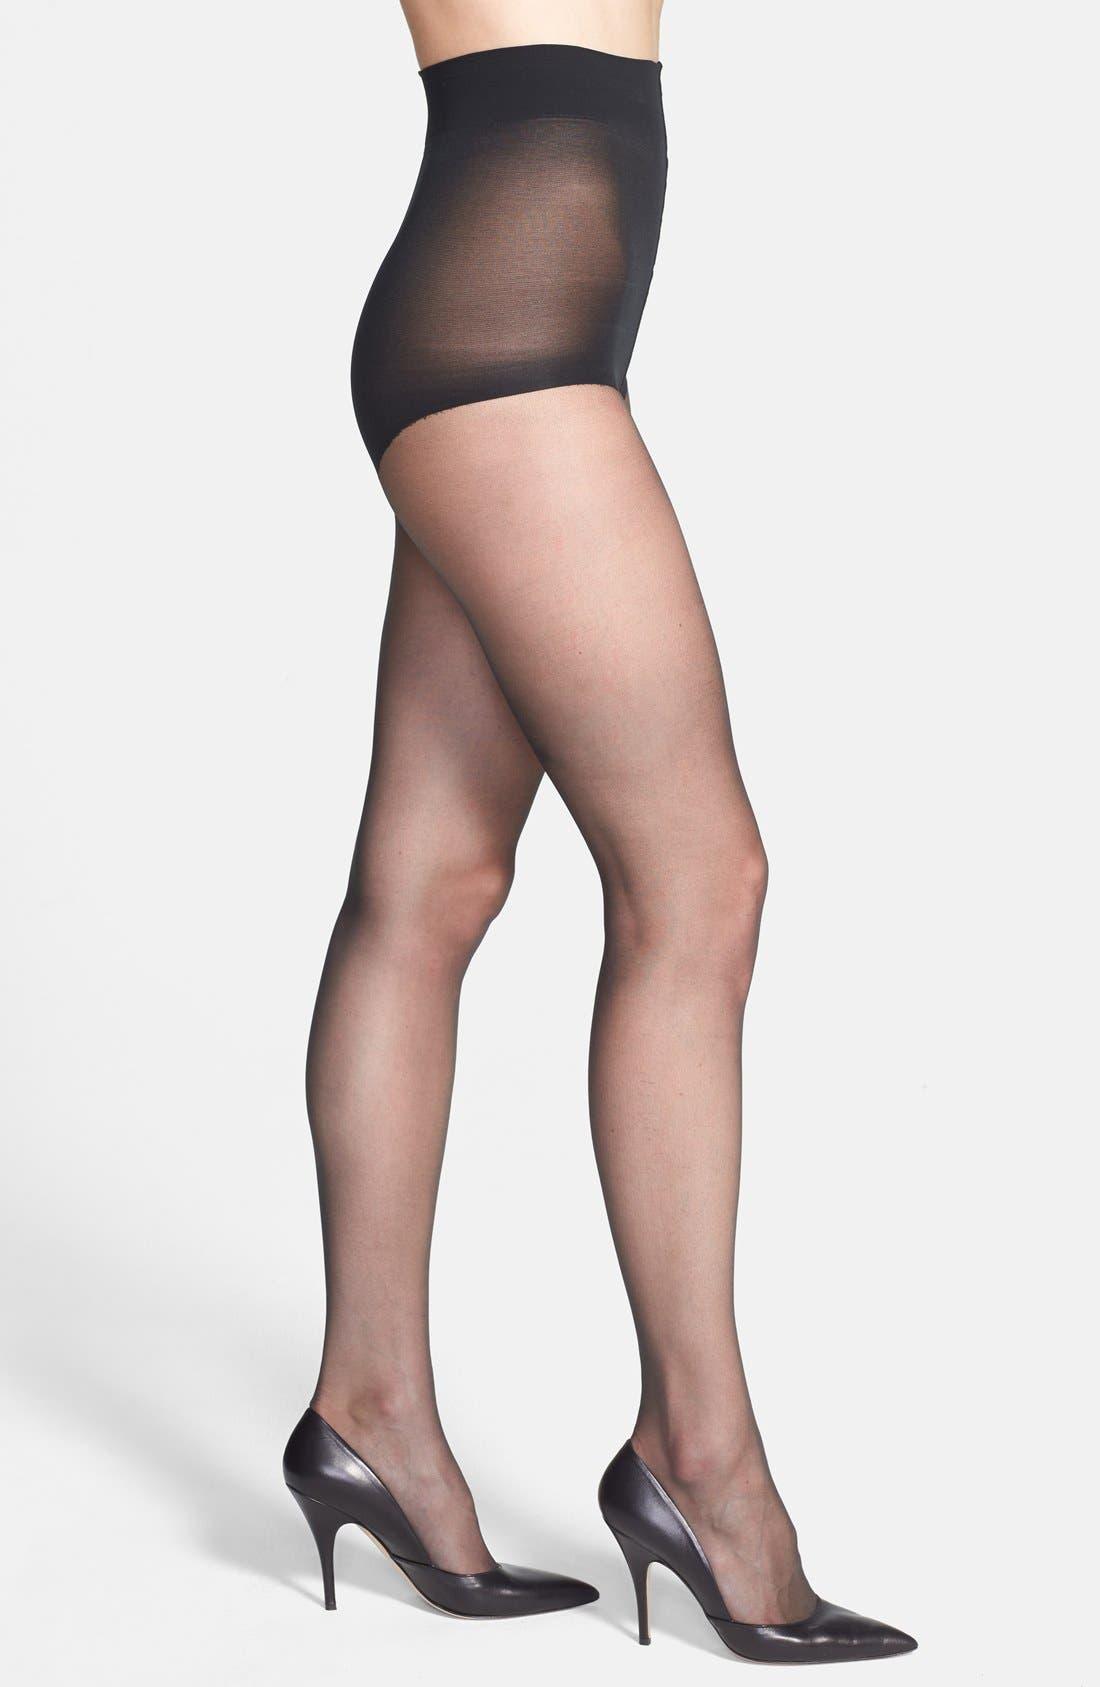 Donna Karan The Nudes Control Top Pantyhose